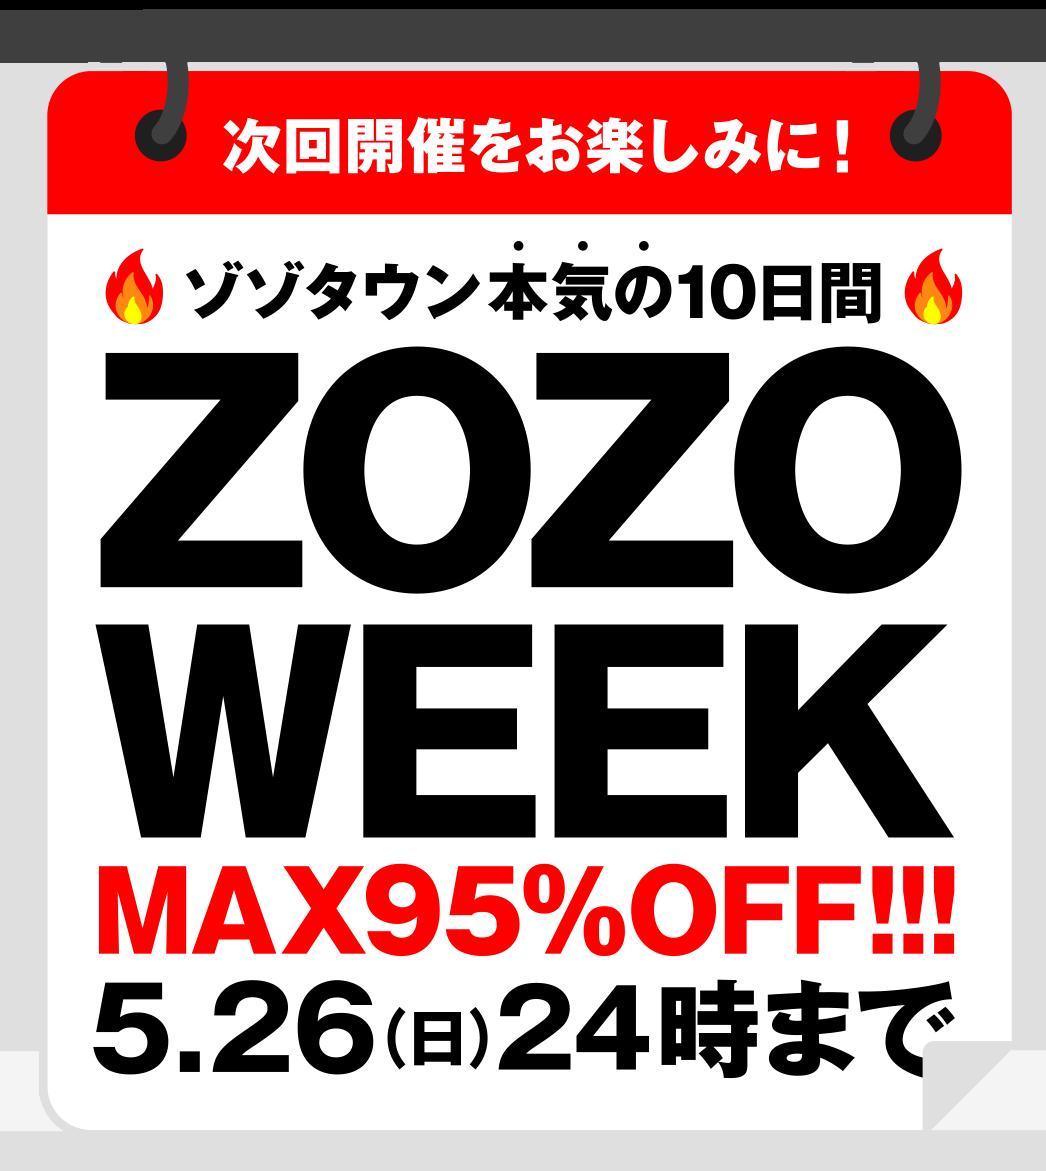 次回開催をお楽しみに! ゾゾタウン本気の10日間 ZOZOWEAK MAX95%OFF!!! 5.26(日)24時まで